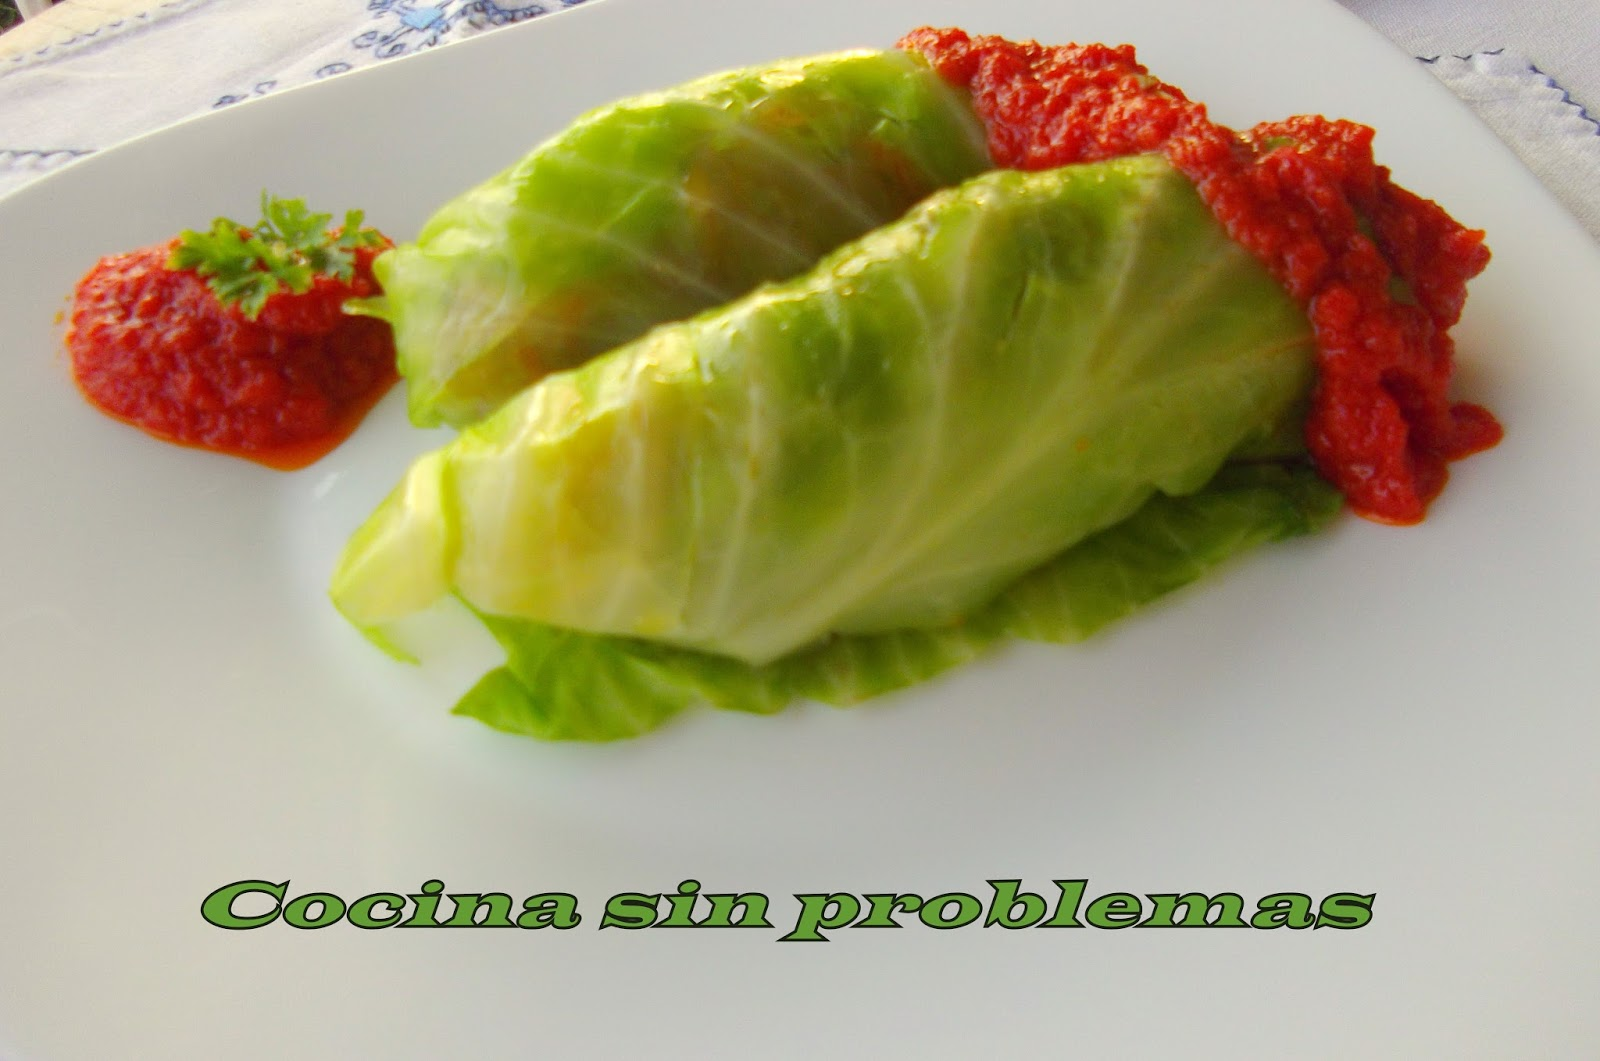 cocina sin problemas: Col rellena de verdura.